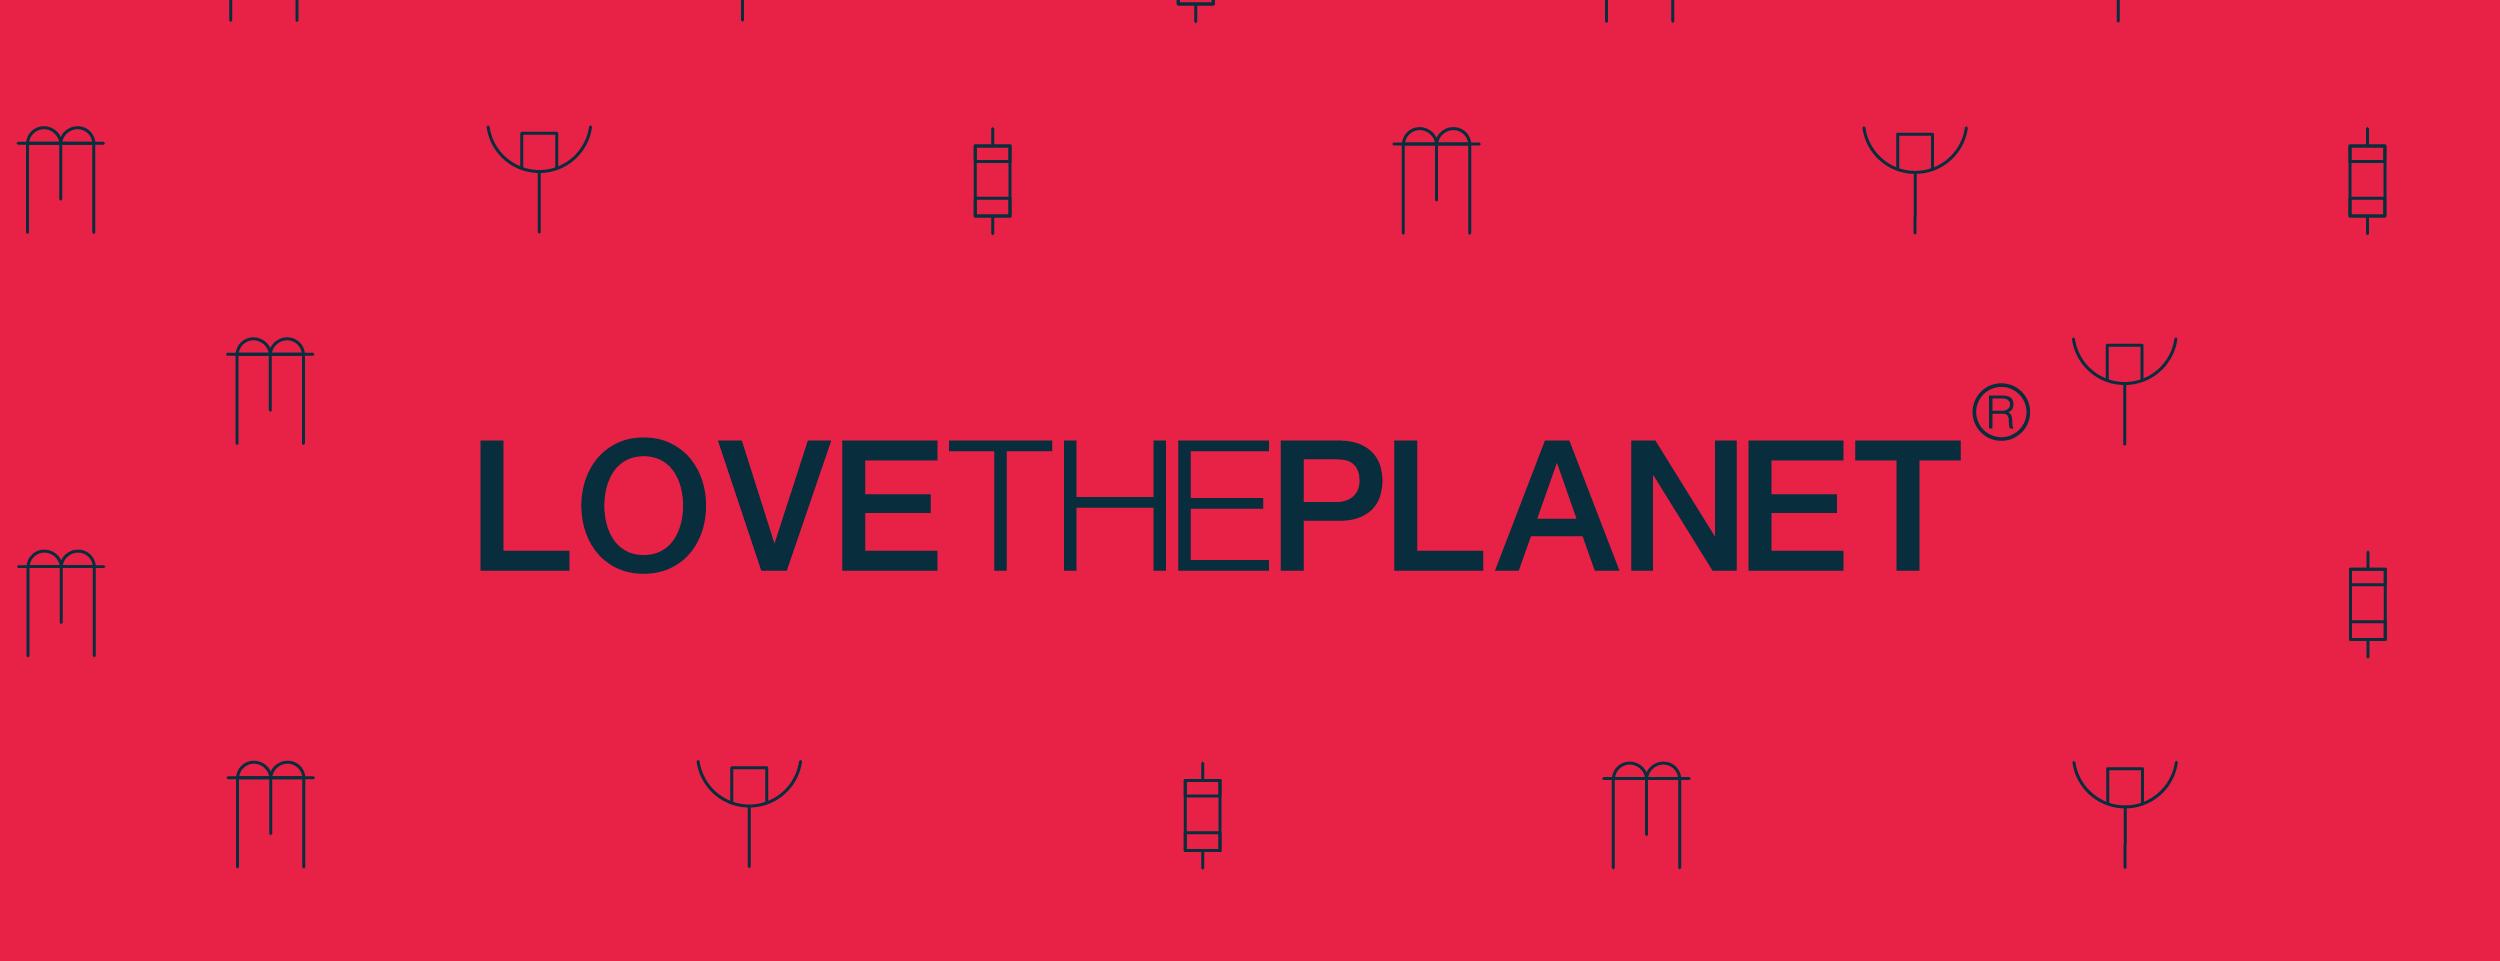 lovetheplanet_branding